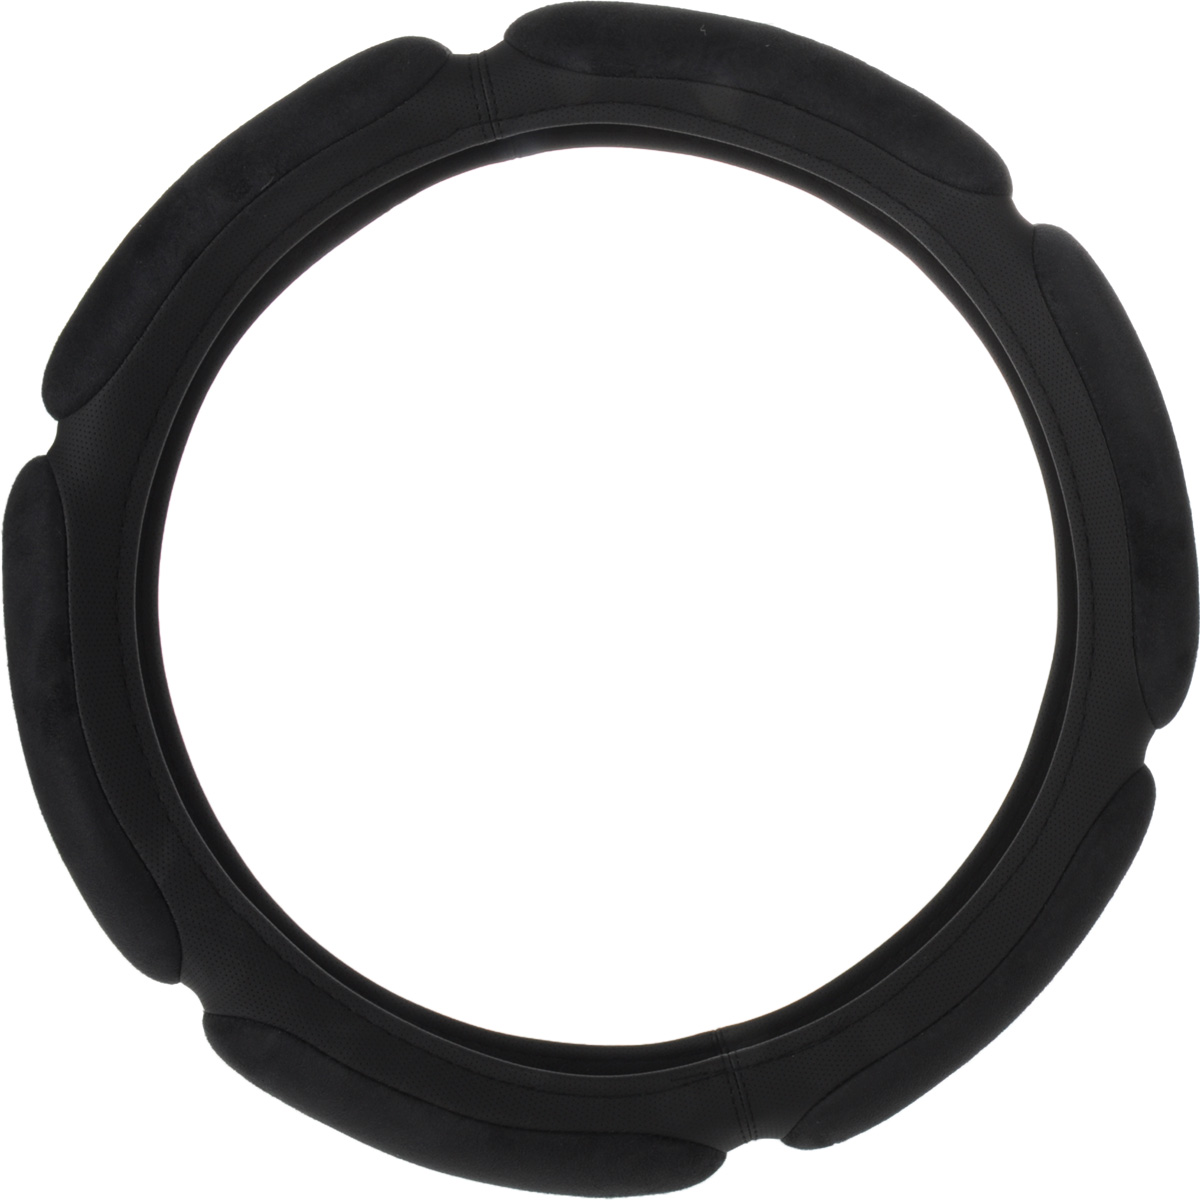 Оплетка руля Autoprofi Sponge SP-5026, 6 подушечек, наполнитель: поролон, цвет: черный. Размер L (39-41 см) оплетка руля autoprofi экокожа размер м черная